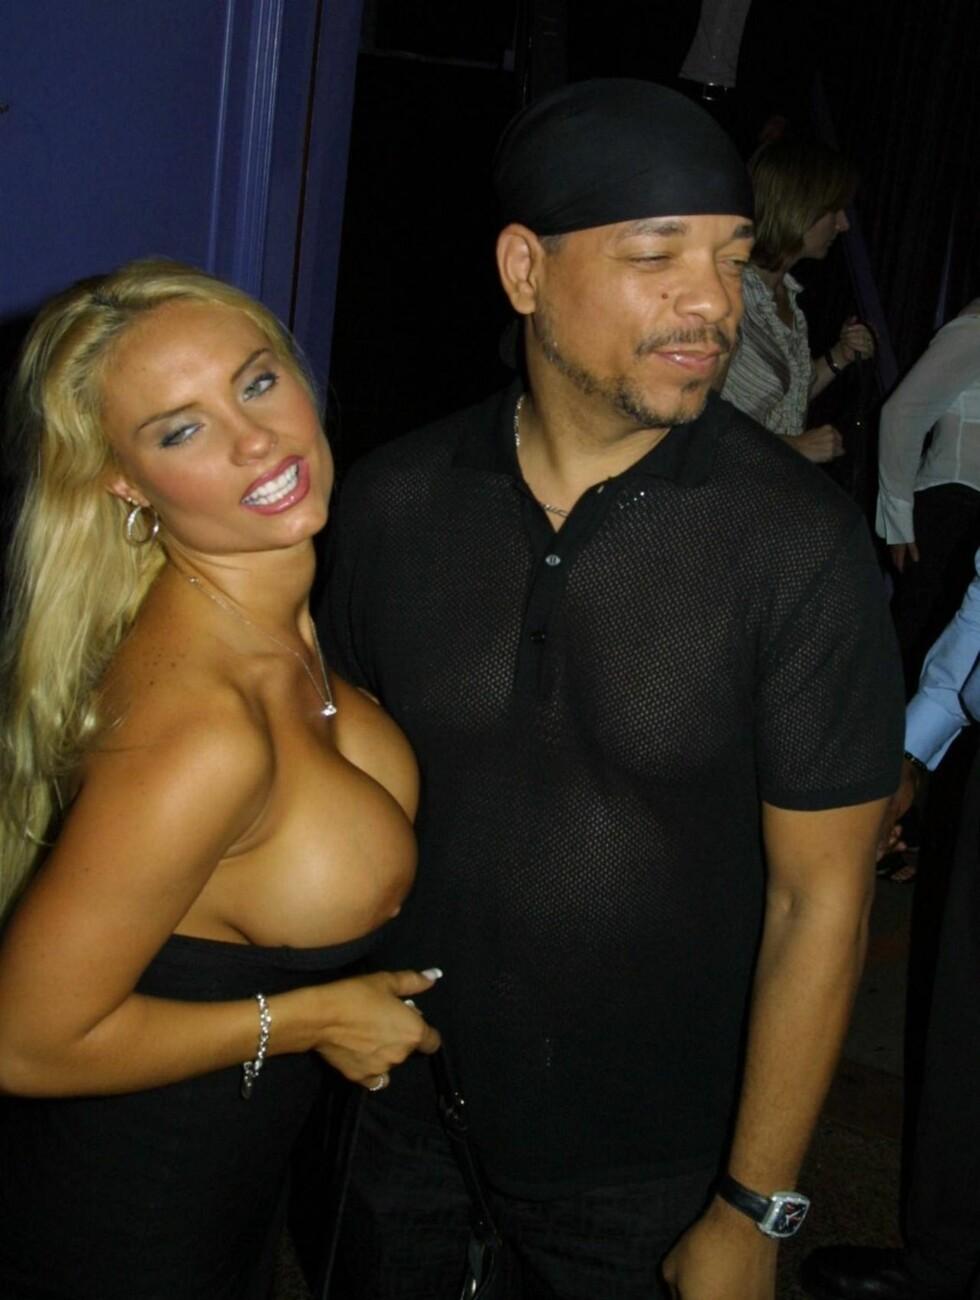 <strong>TOPPLØS PÅ FEST:</strong> Ice-T så ut til å ta konas naken-stunt med stor ro. Foto: All Over